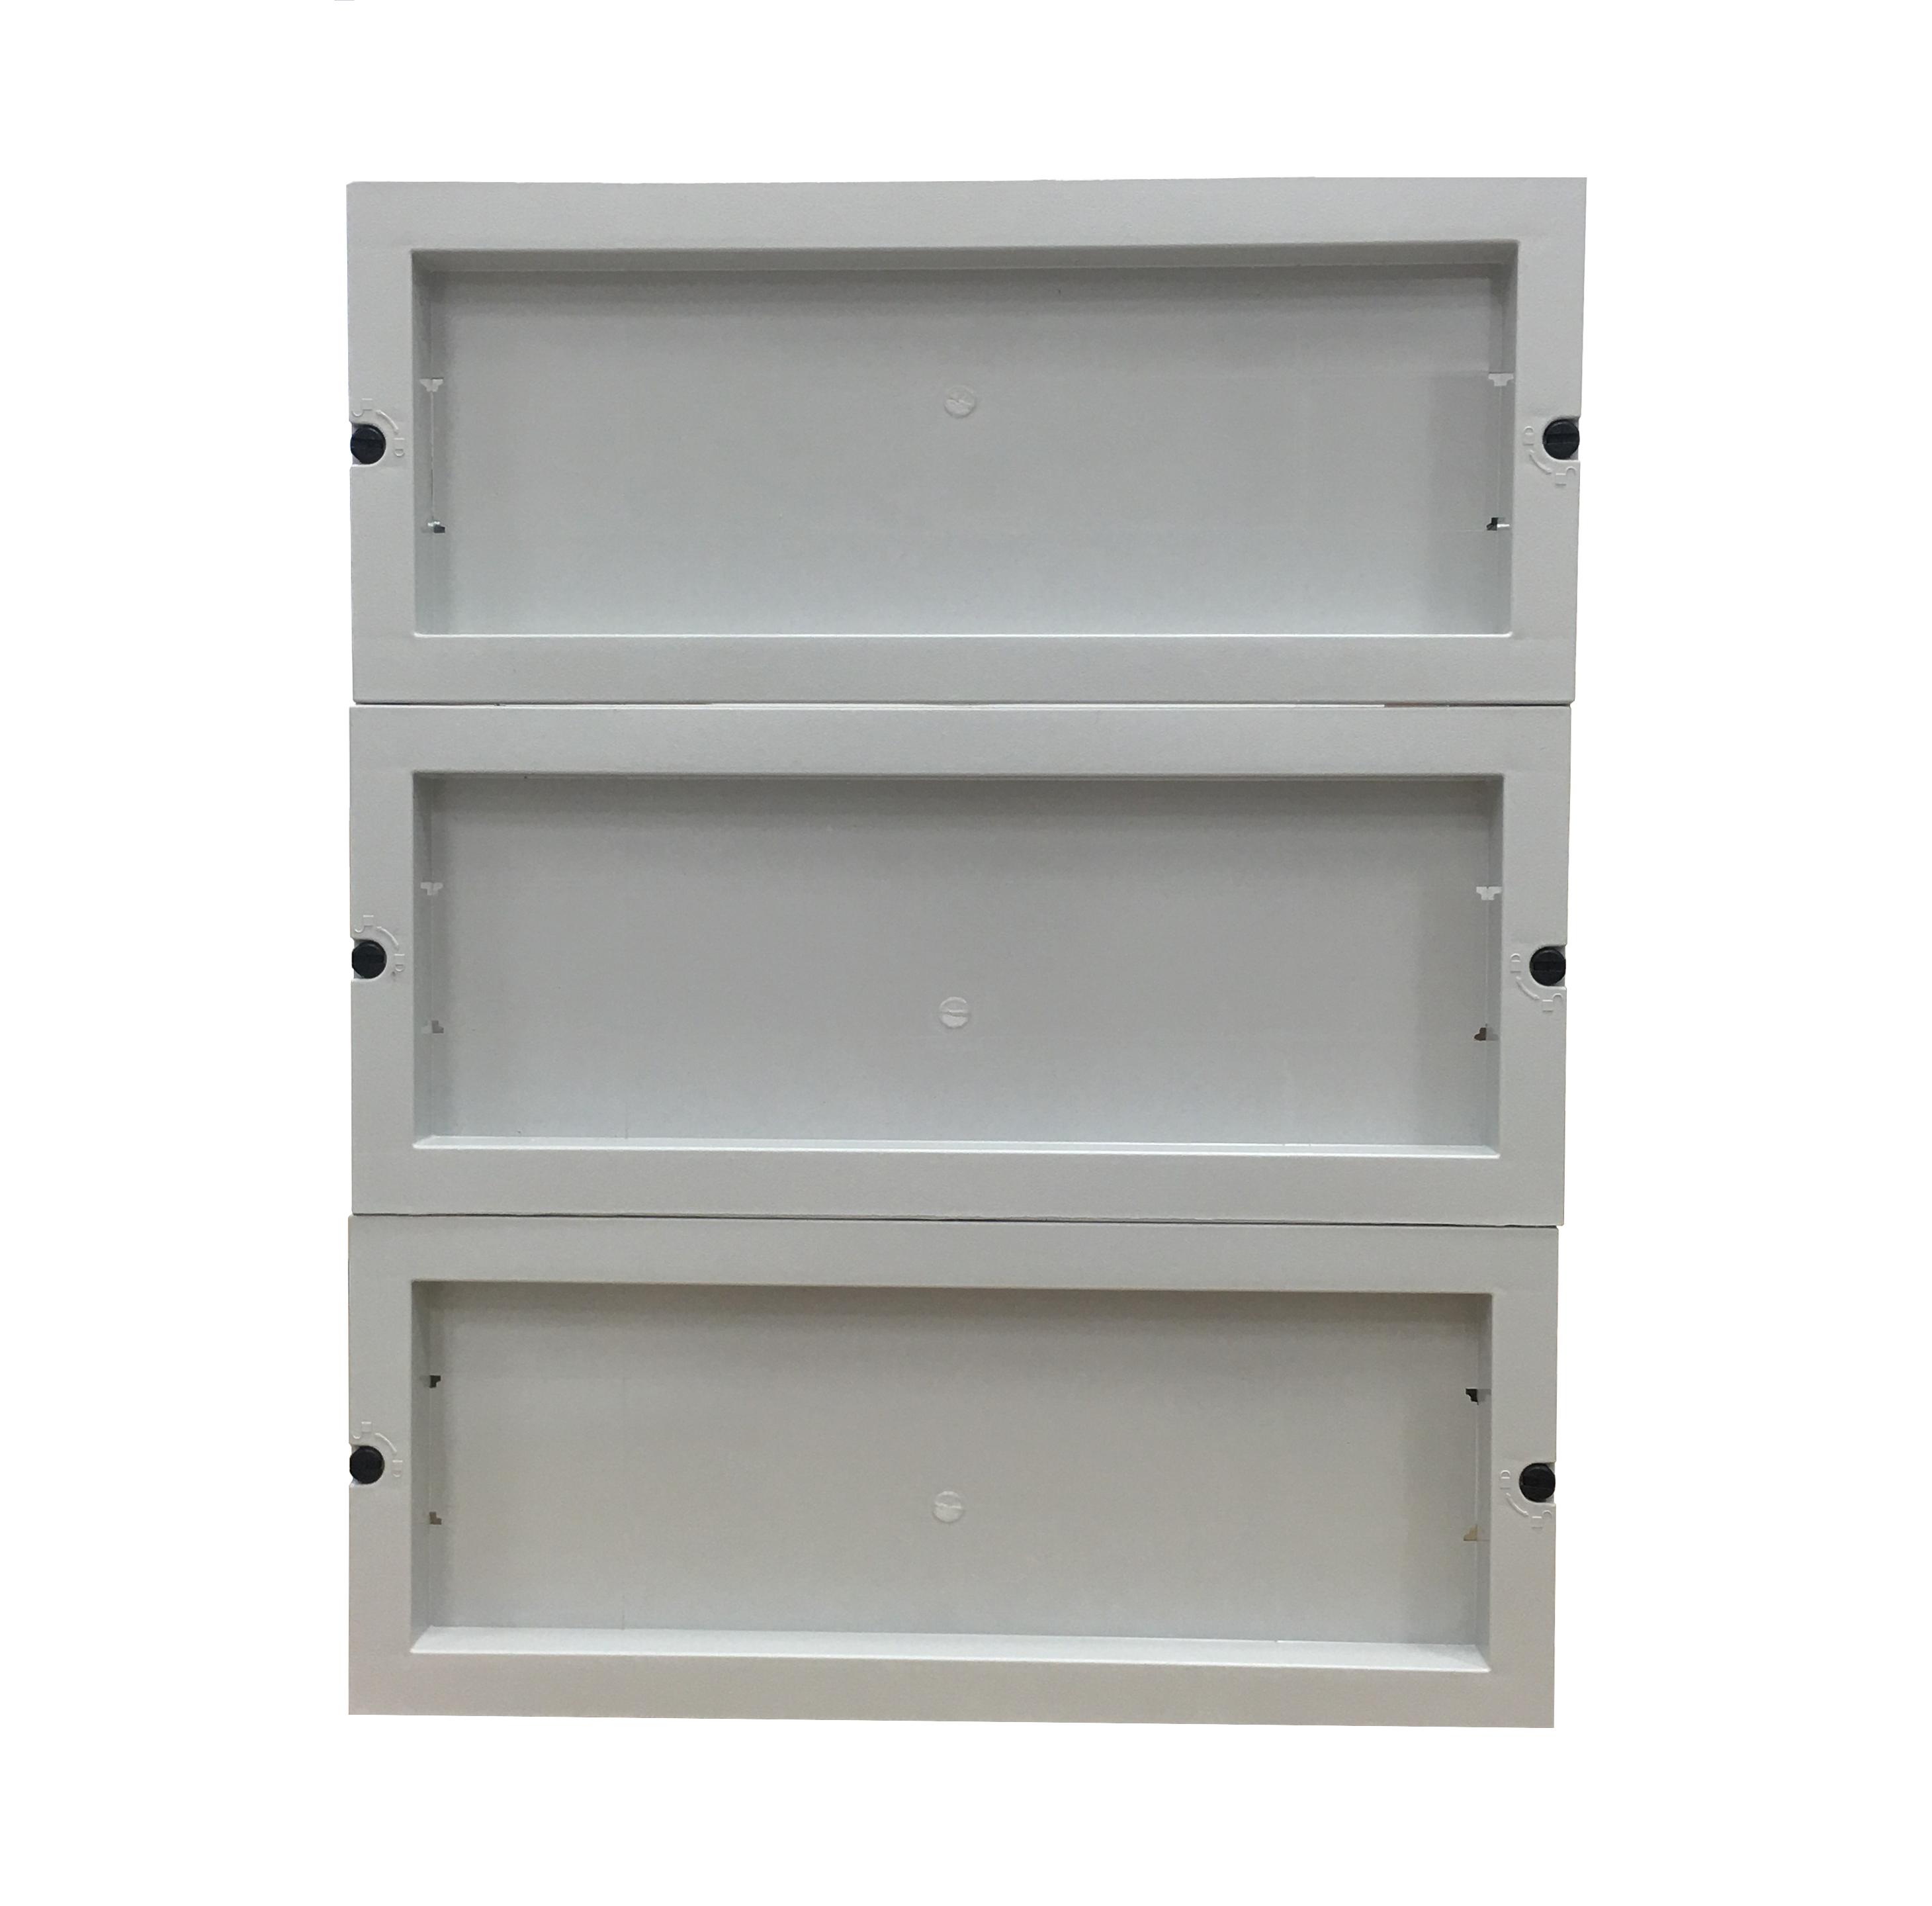 1 Stk Installationseinsatz für 500x400 3x18TE IMCH0054--